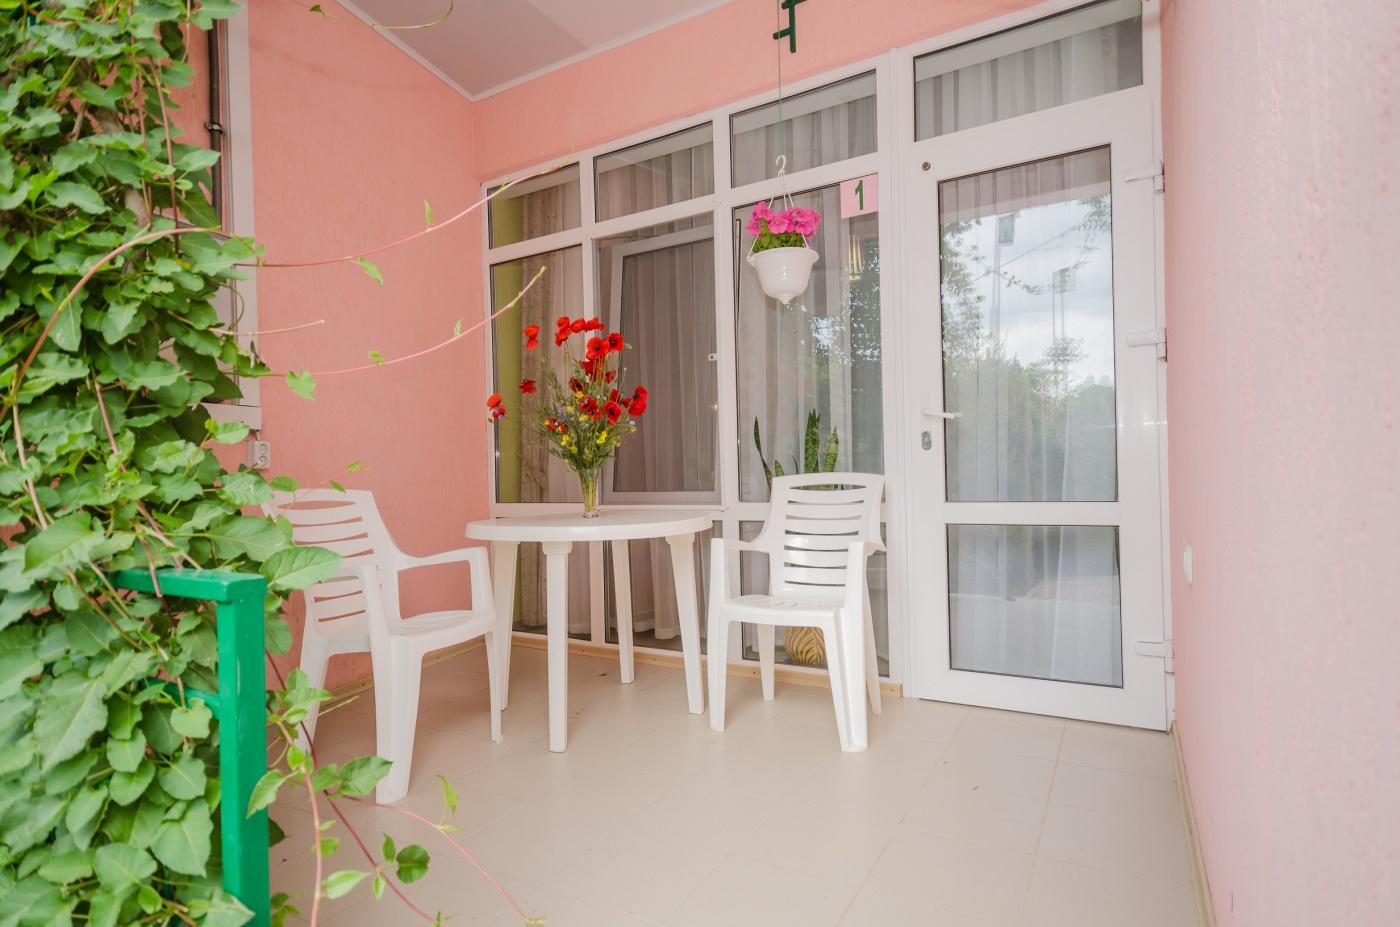 Гостевой дом «Гринвич» Республика Крым Стандарт в эко-стиле, фото 11